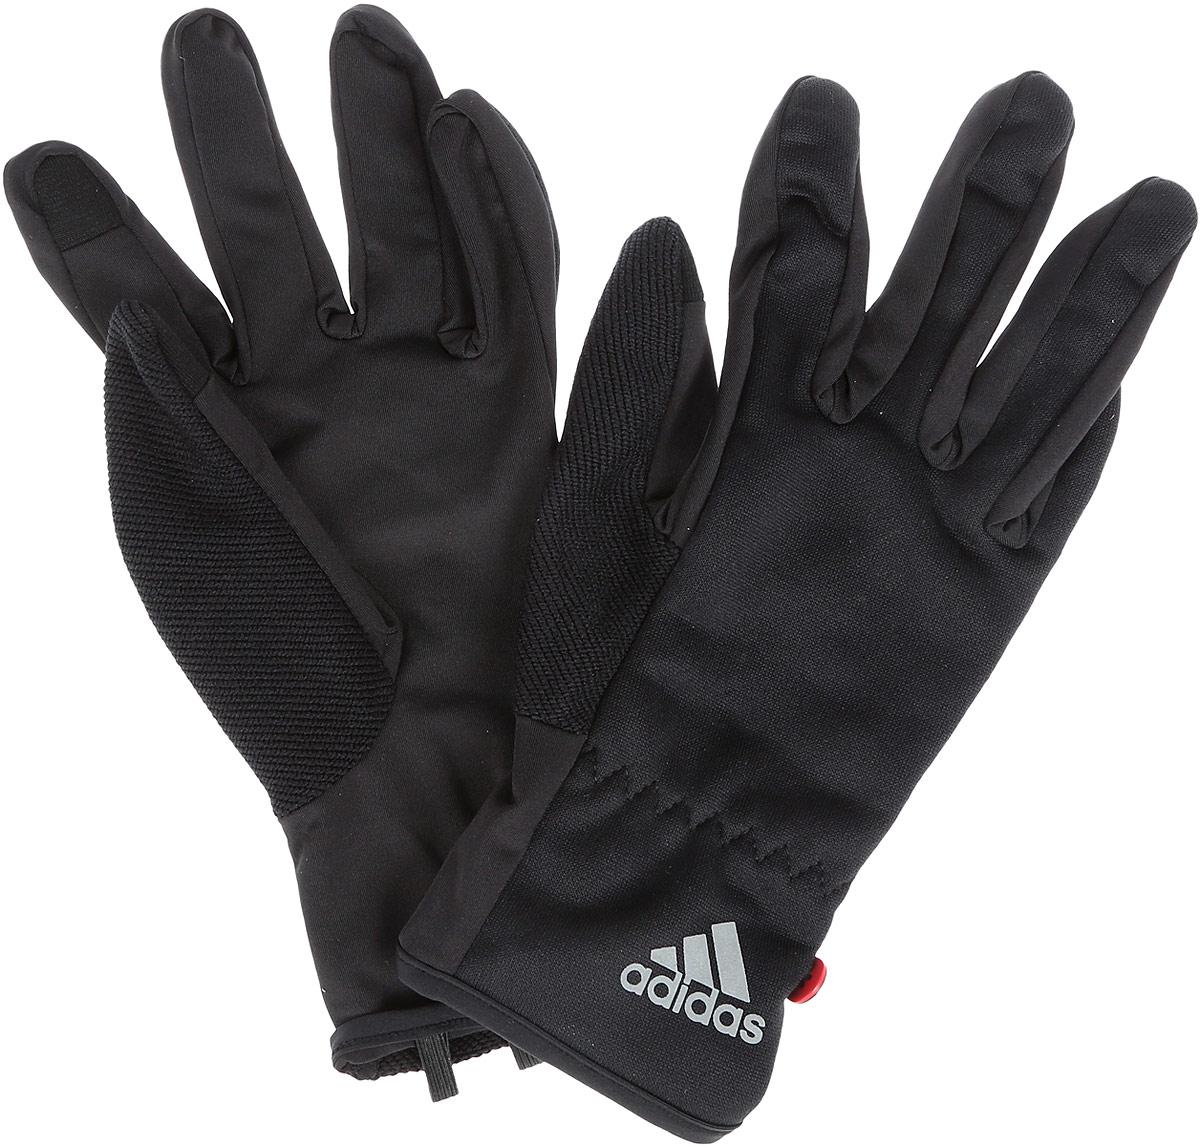 Перчатки для бега adidas Run Clmlt Glove, цвет: черный. S94173. Размер XL (24)